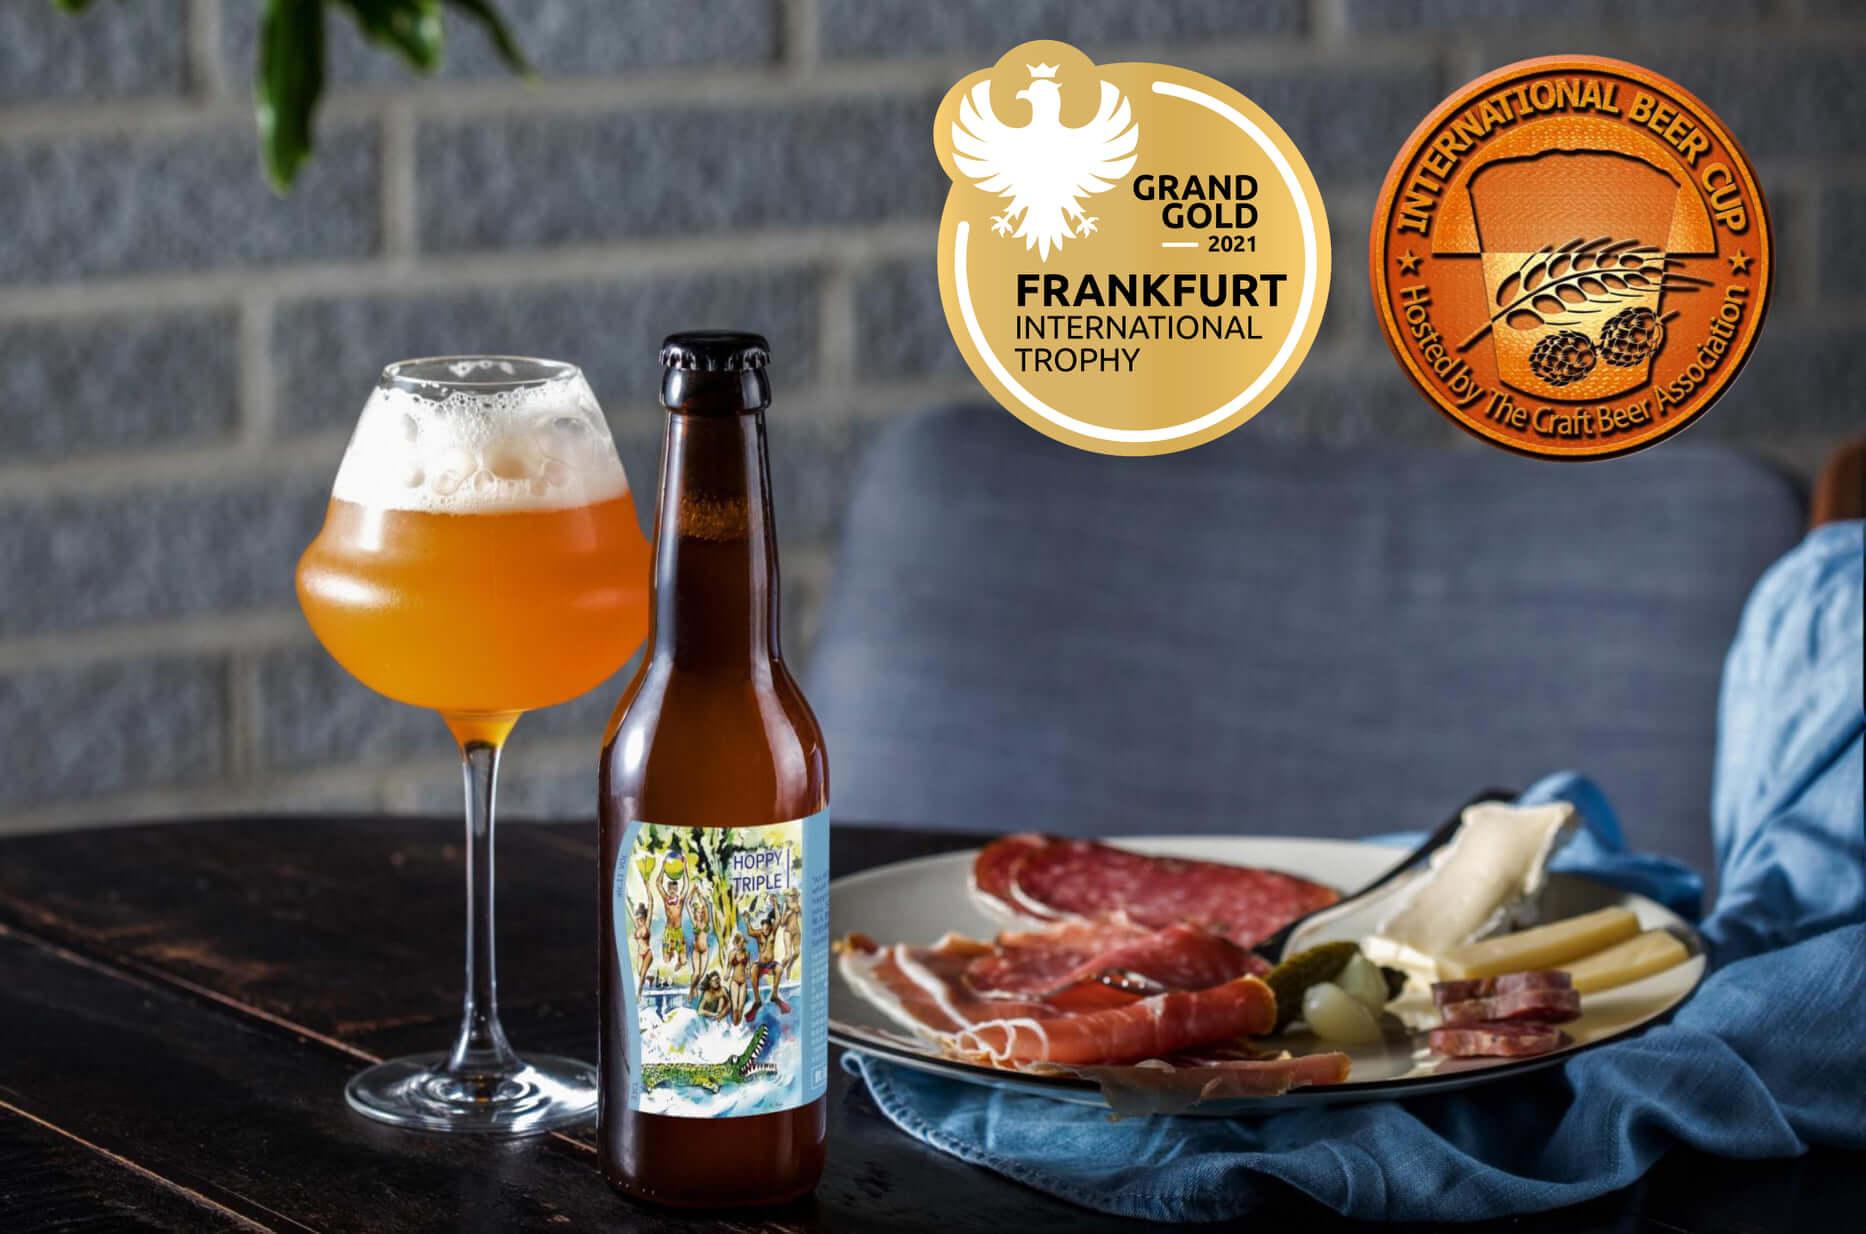 我們的經典酒款 三劍客(Hoppy Triple) 榮獲2021年法蘭克福國際競賽(Frankfurt International Trophy)大金獎(Grand Gold)!!!<br><br>